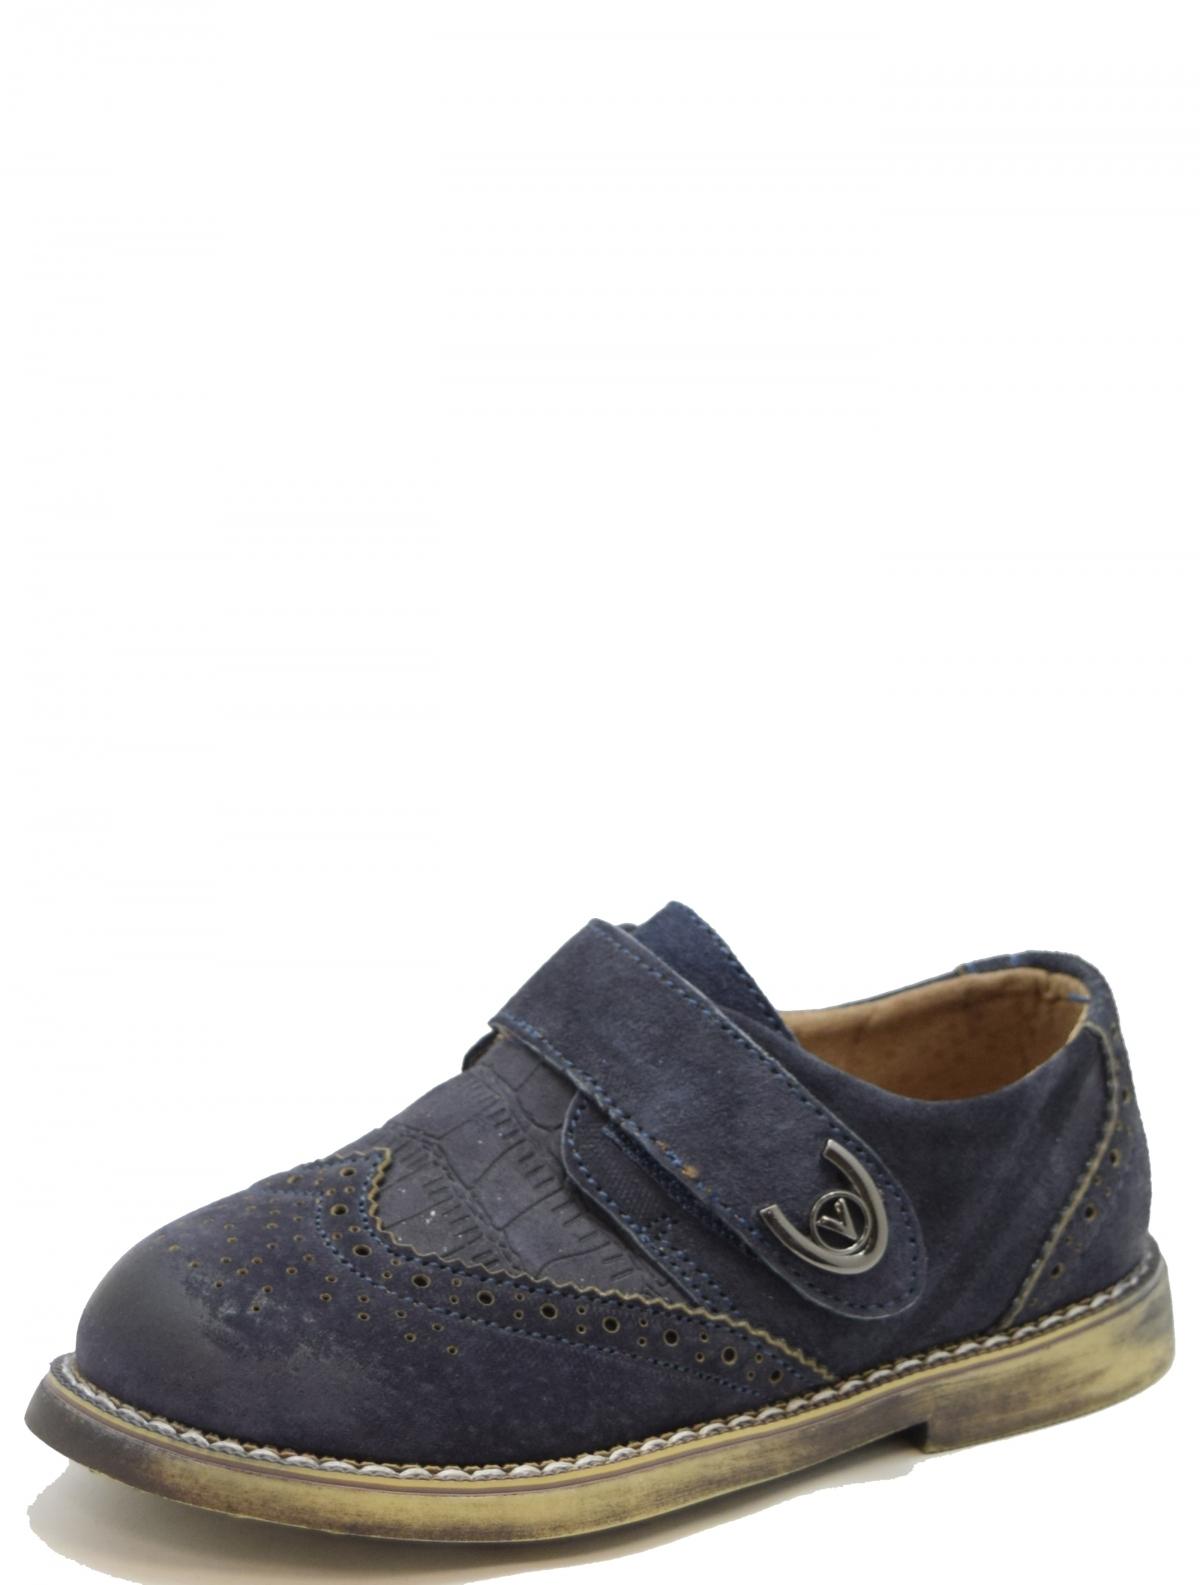 C6583 туфли для мальчика